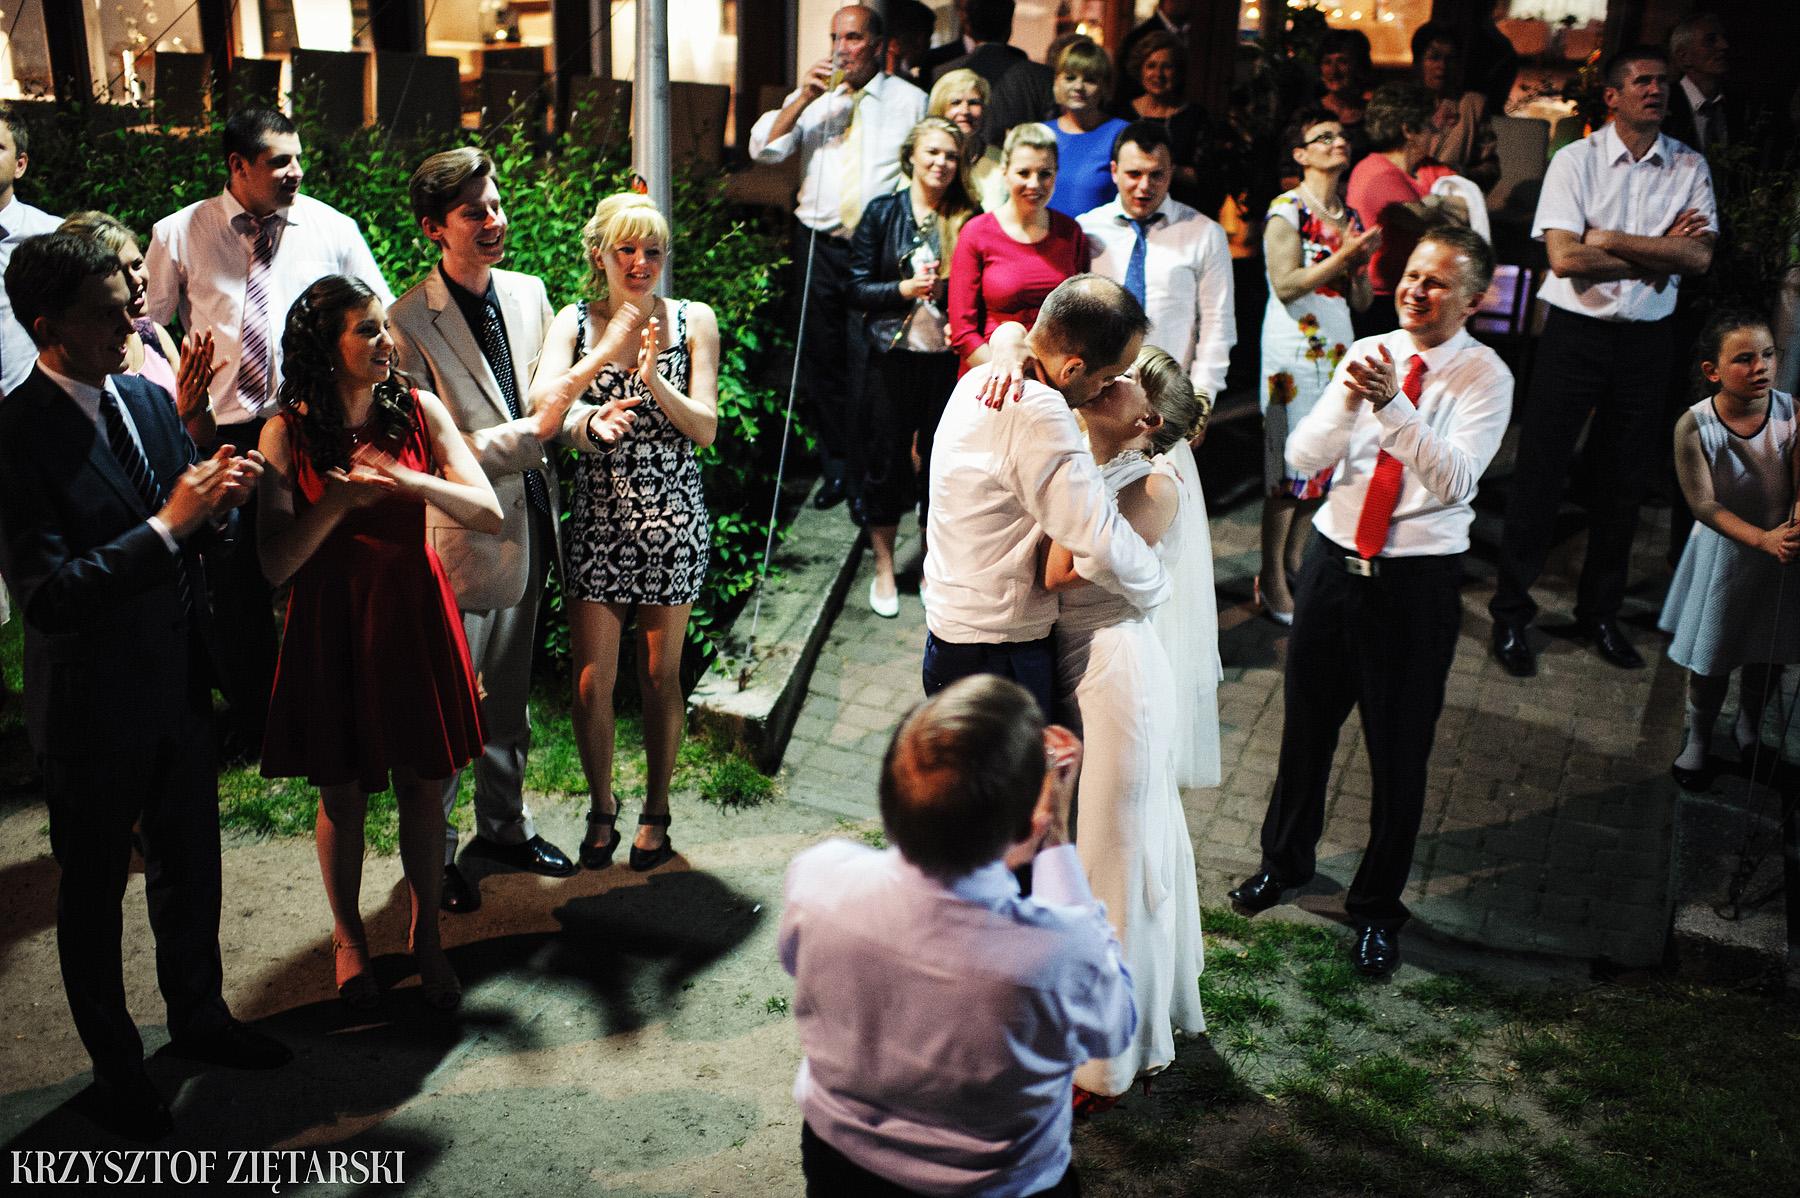 Ola i Grzegorz - Fotografia ślubna Gdynia, Kolegiata NMP, wesele restauracja COCO, plener na Darze Pomorza - 79.